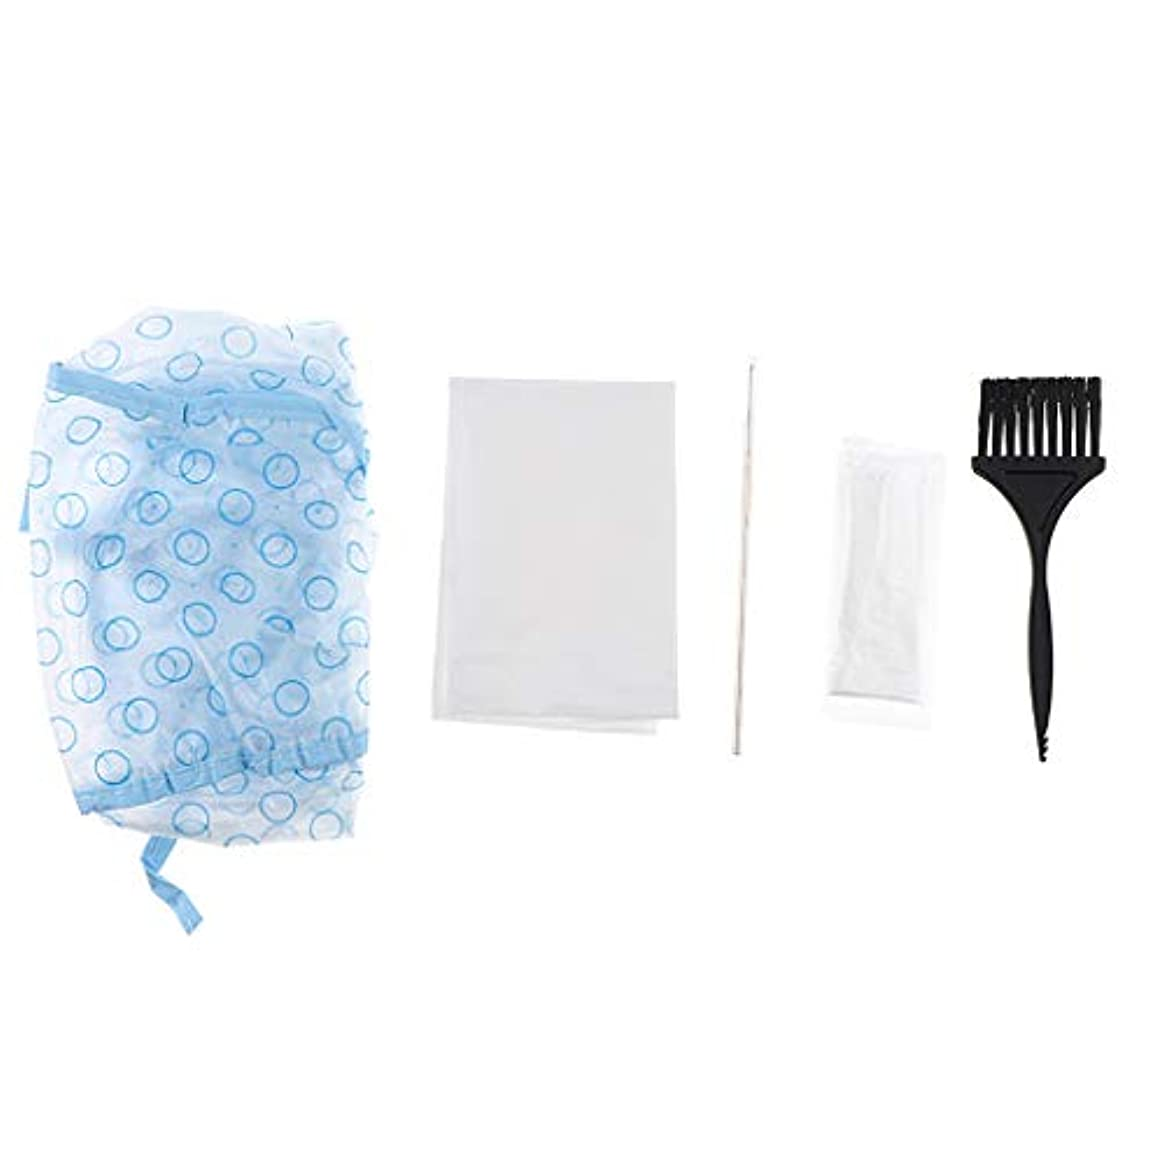 現実的思い出す代理店ヘアダイキャップ ヘアダイブラシ キャップ 手袋 ケープ 毛染めツールセット 5個